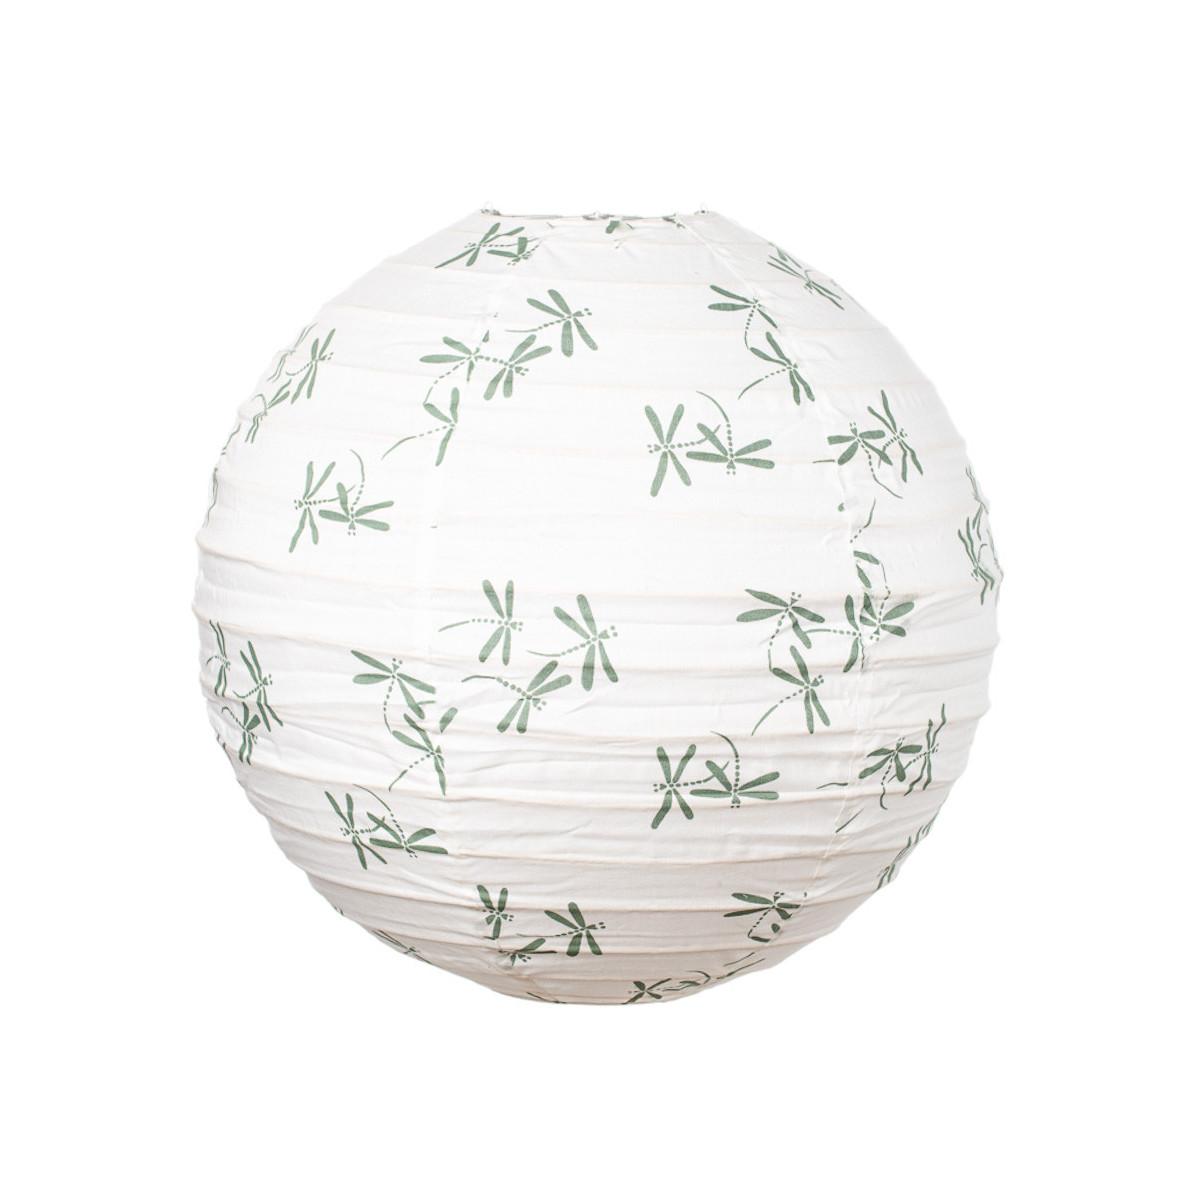 Lampion tissu boule japonaise rond libellule vert